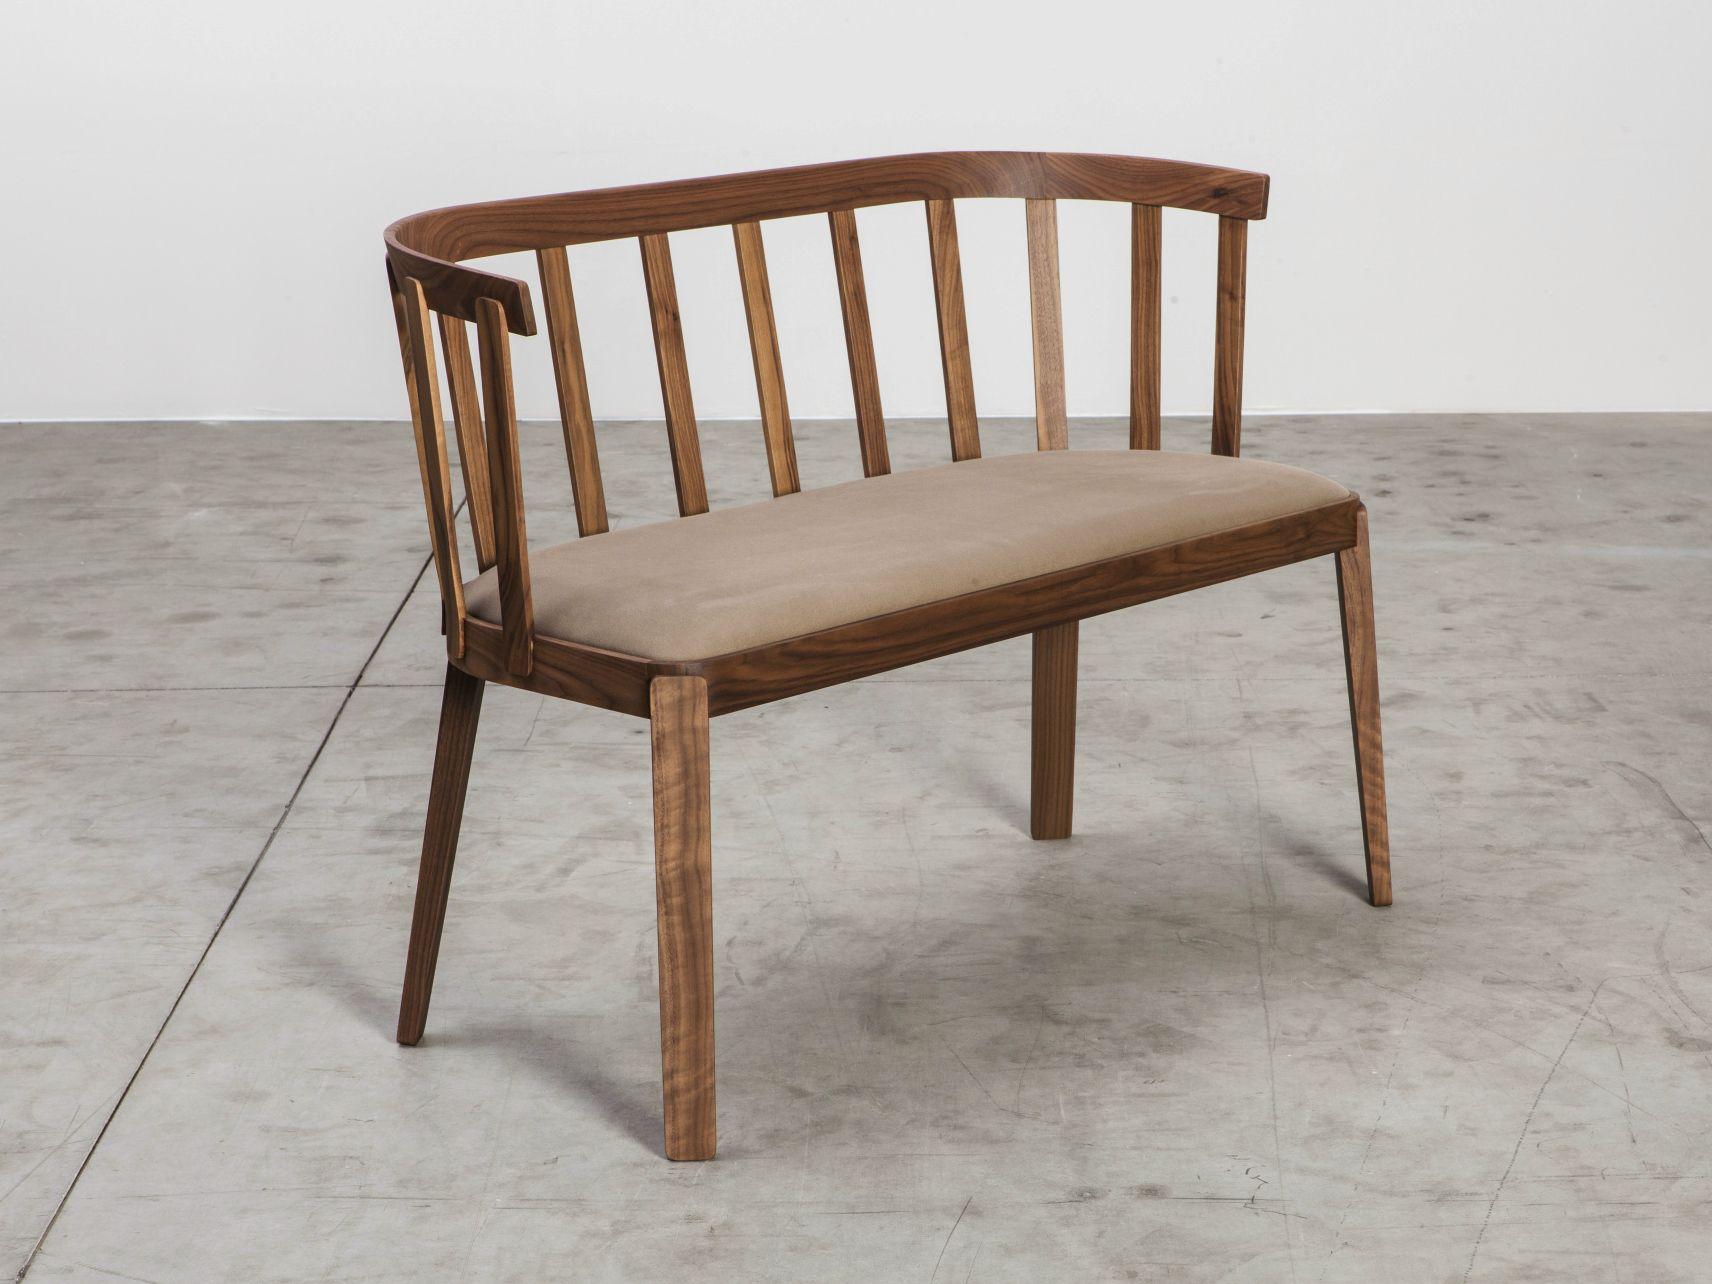 divanetto legno 1 posto : Divanetto in legno TINA XXL by Miniforms design Studio Zaven